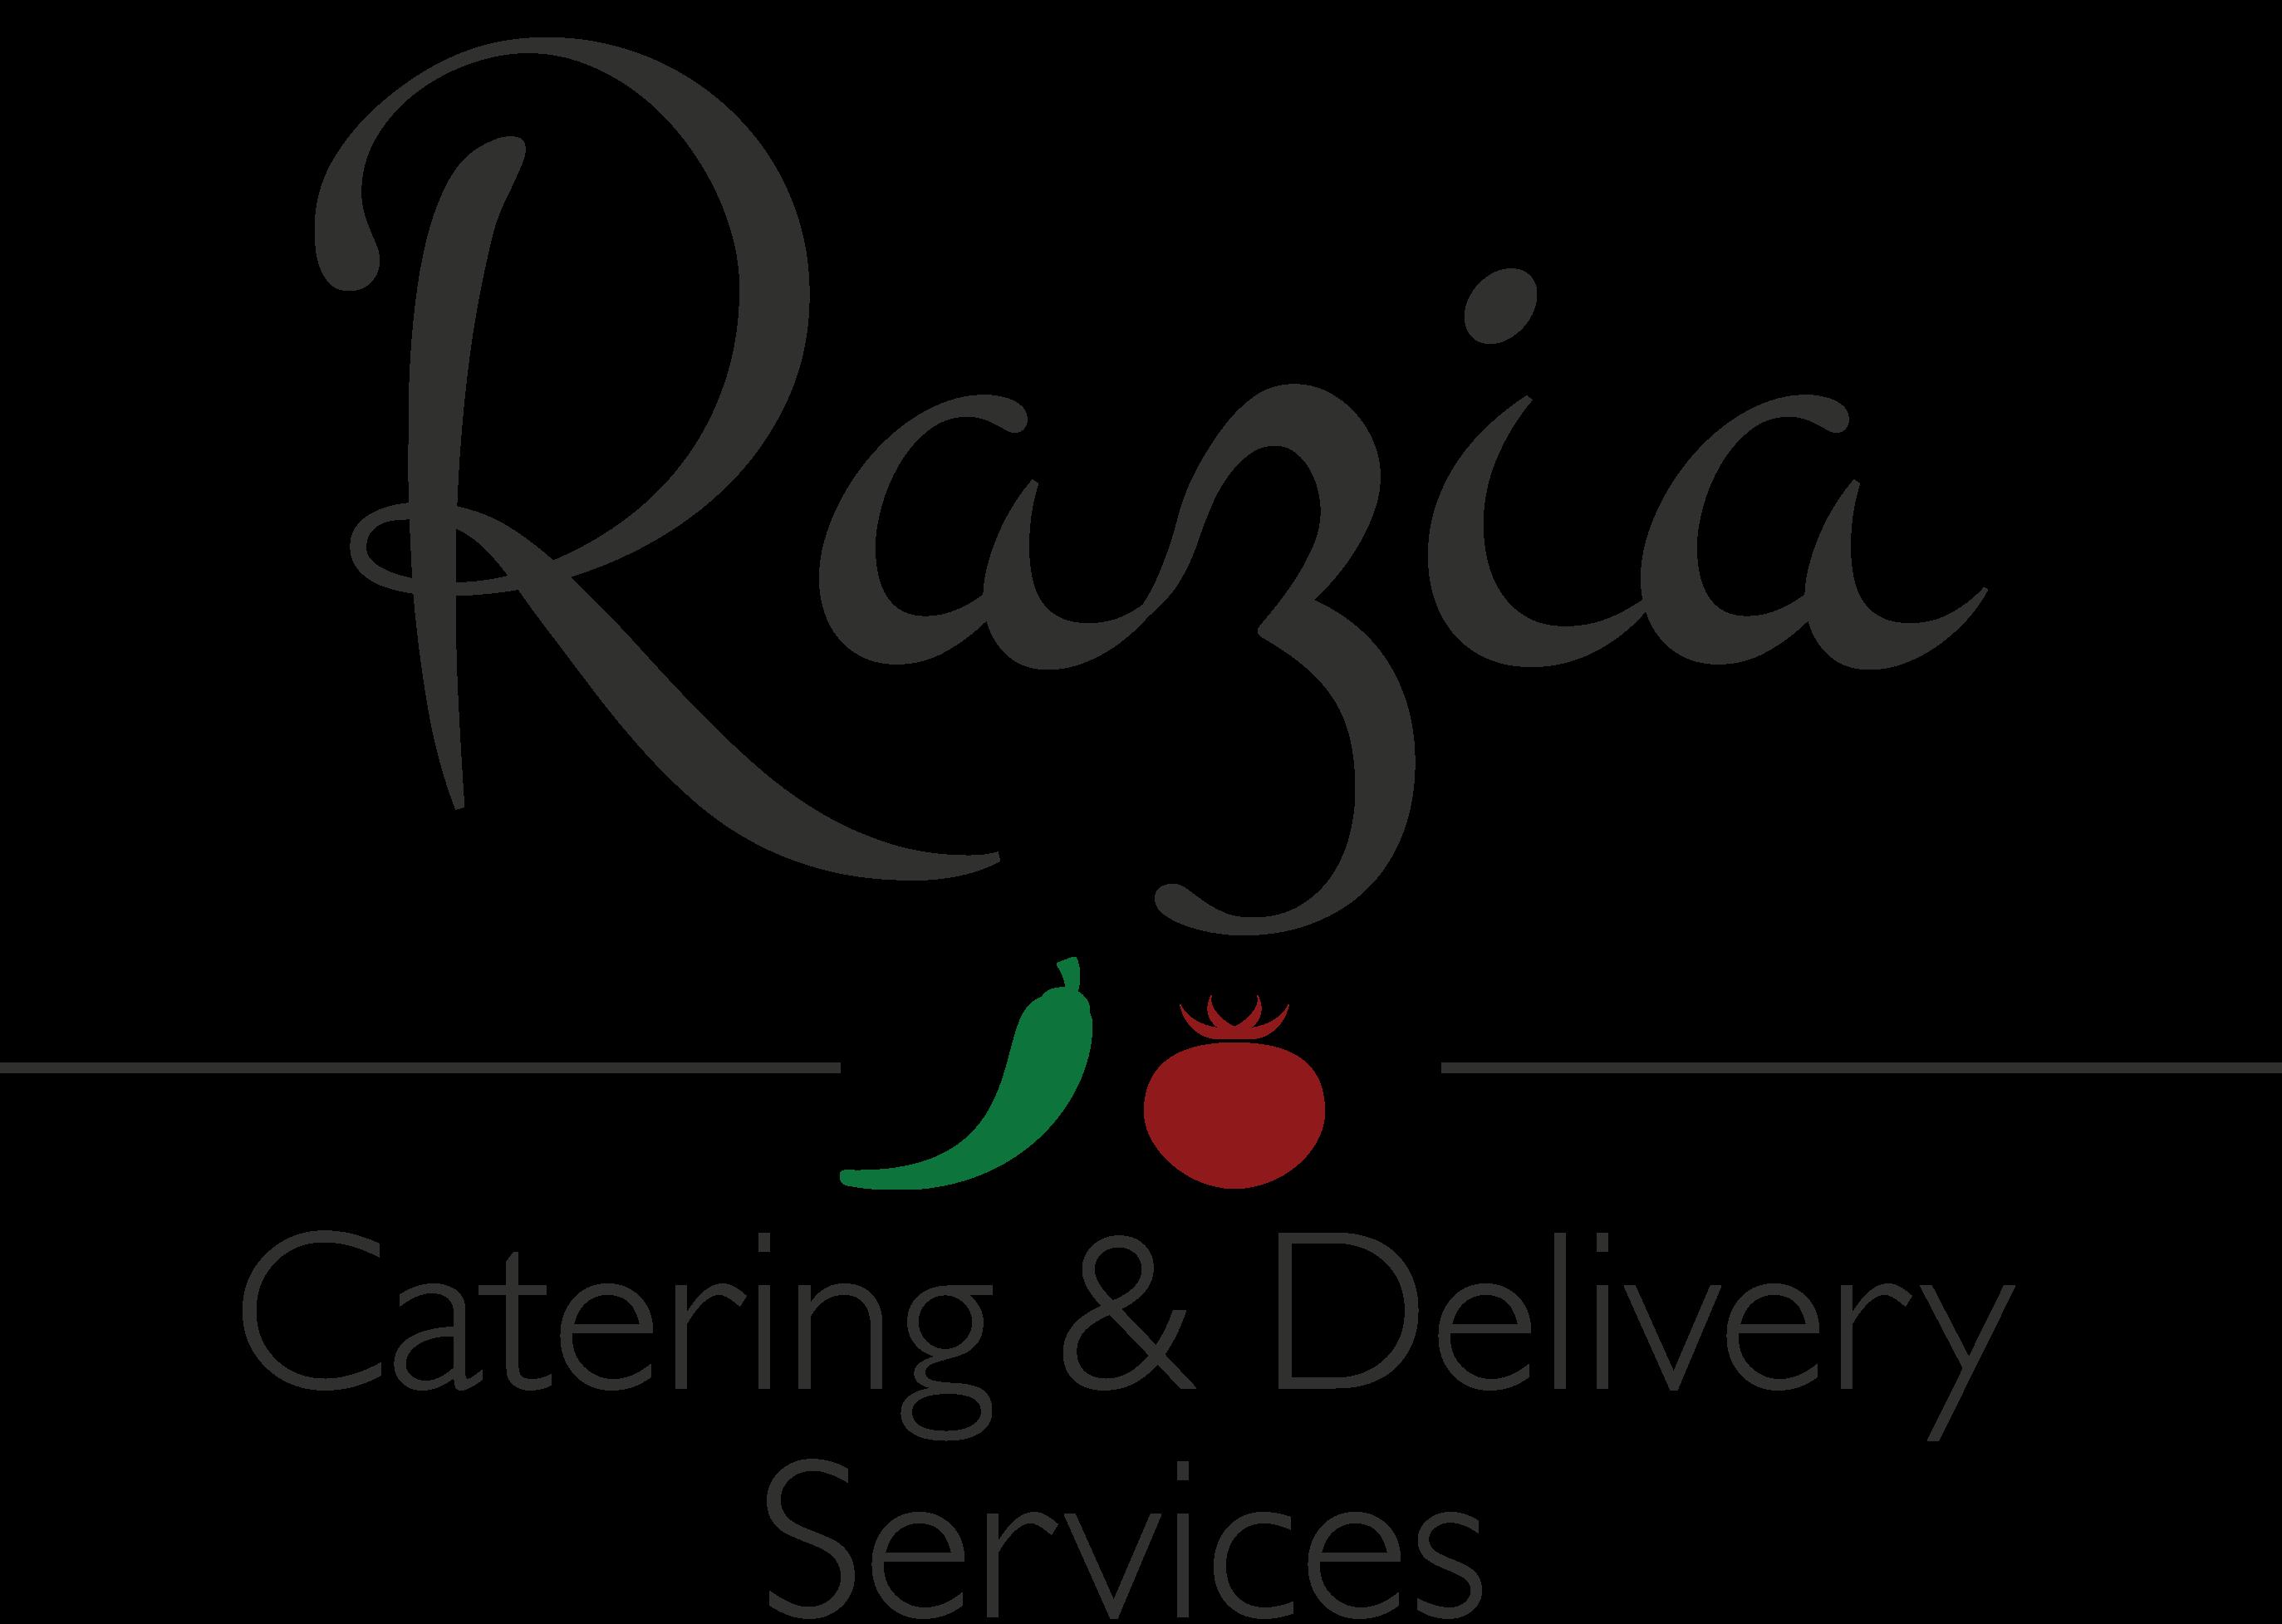 Menu clipart caterer. Razia catering logo design